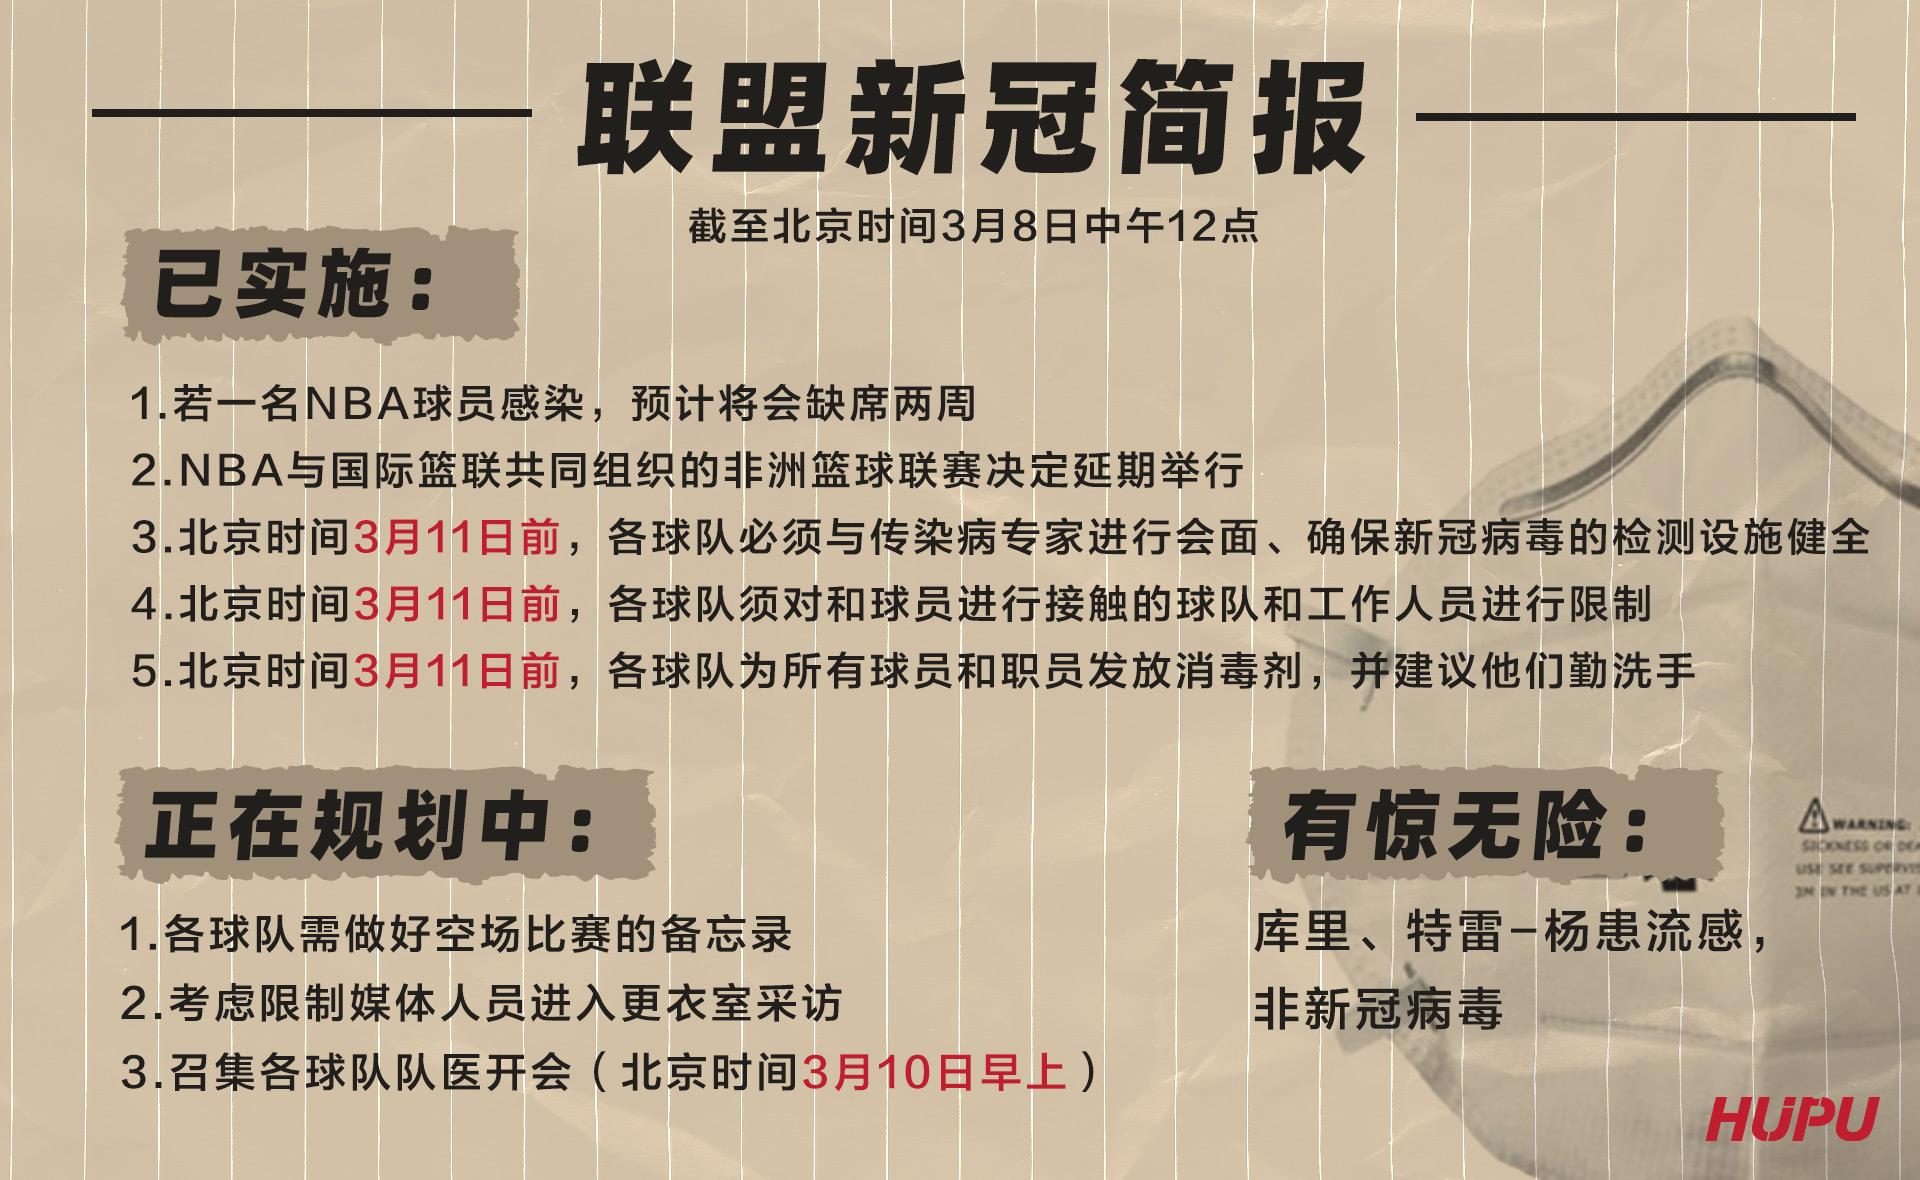 截至北京时间中午12点,联盟都已发布了哪些备忘录?